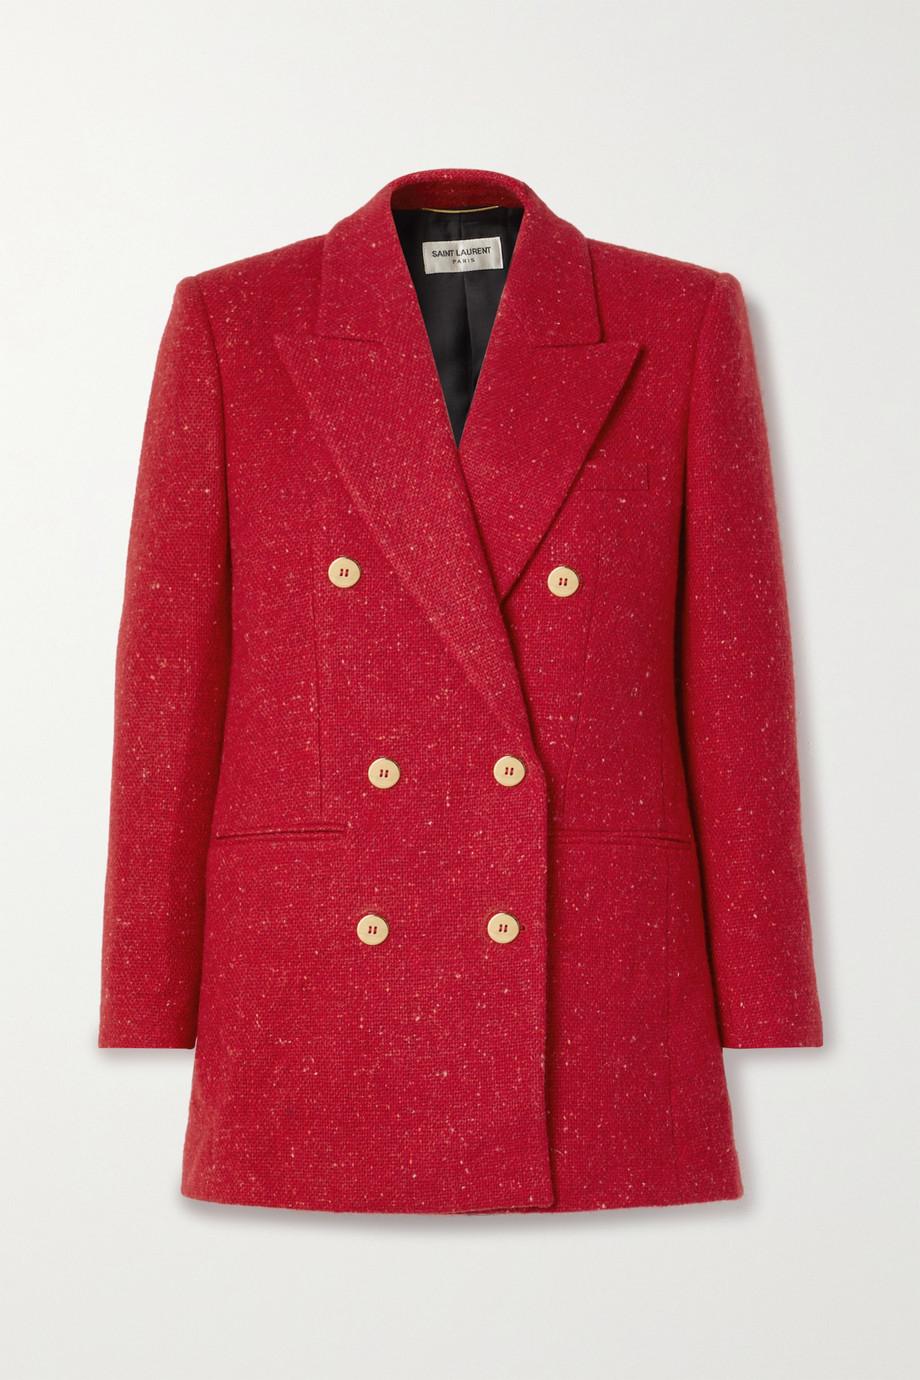 SAINT LAURENT Double-breasted wool-tweed blazer